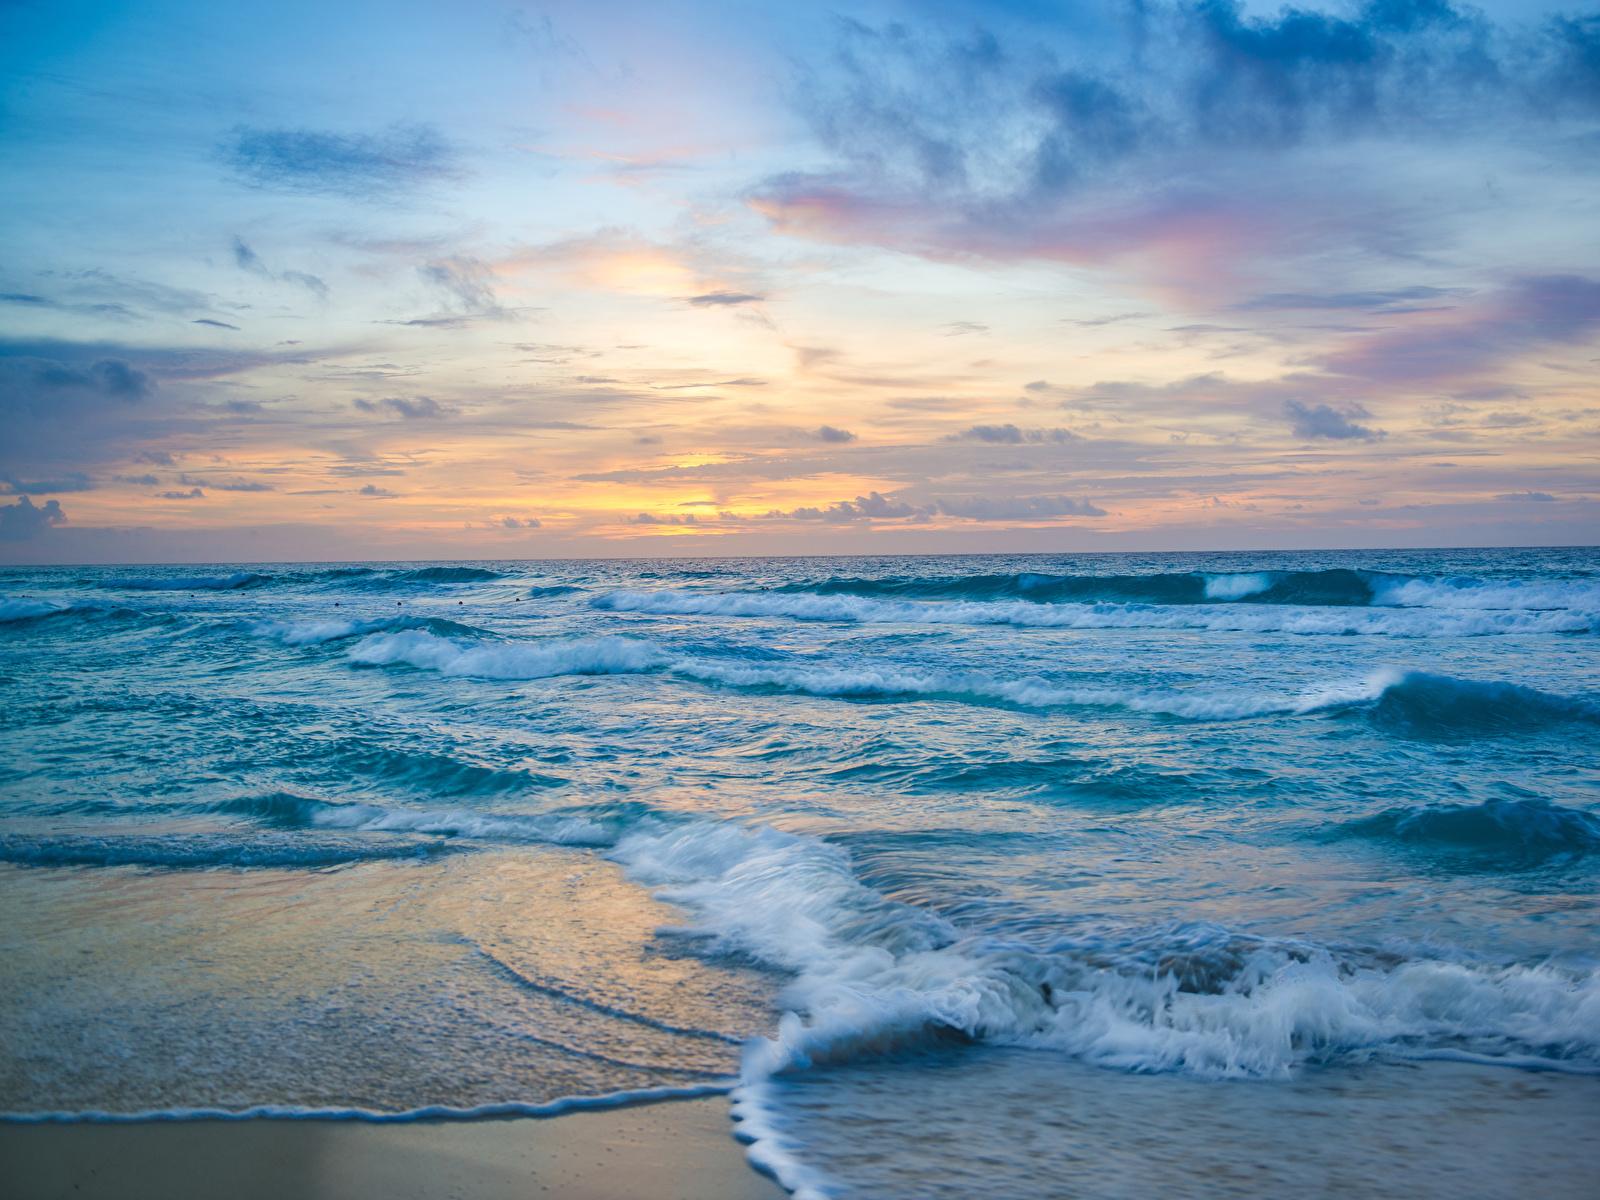 Фото Мексика Cancun Море Природа Волны Рассветы и закаты берег 1600x1200 Побережье